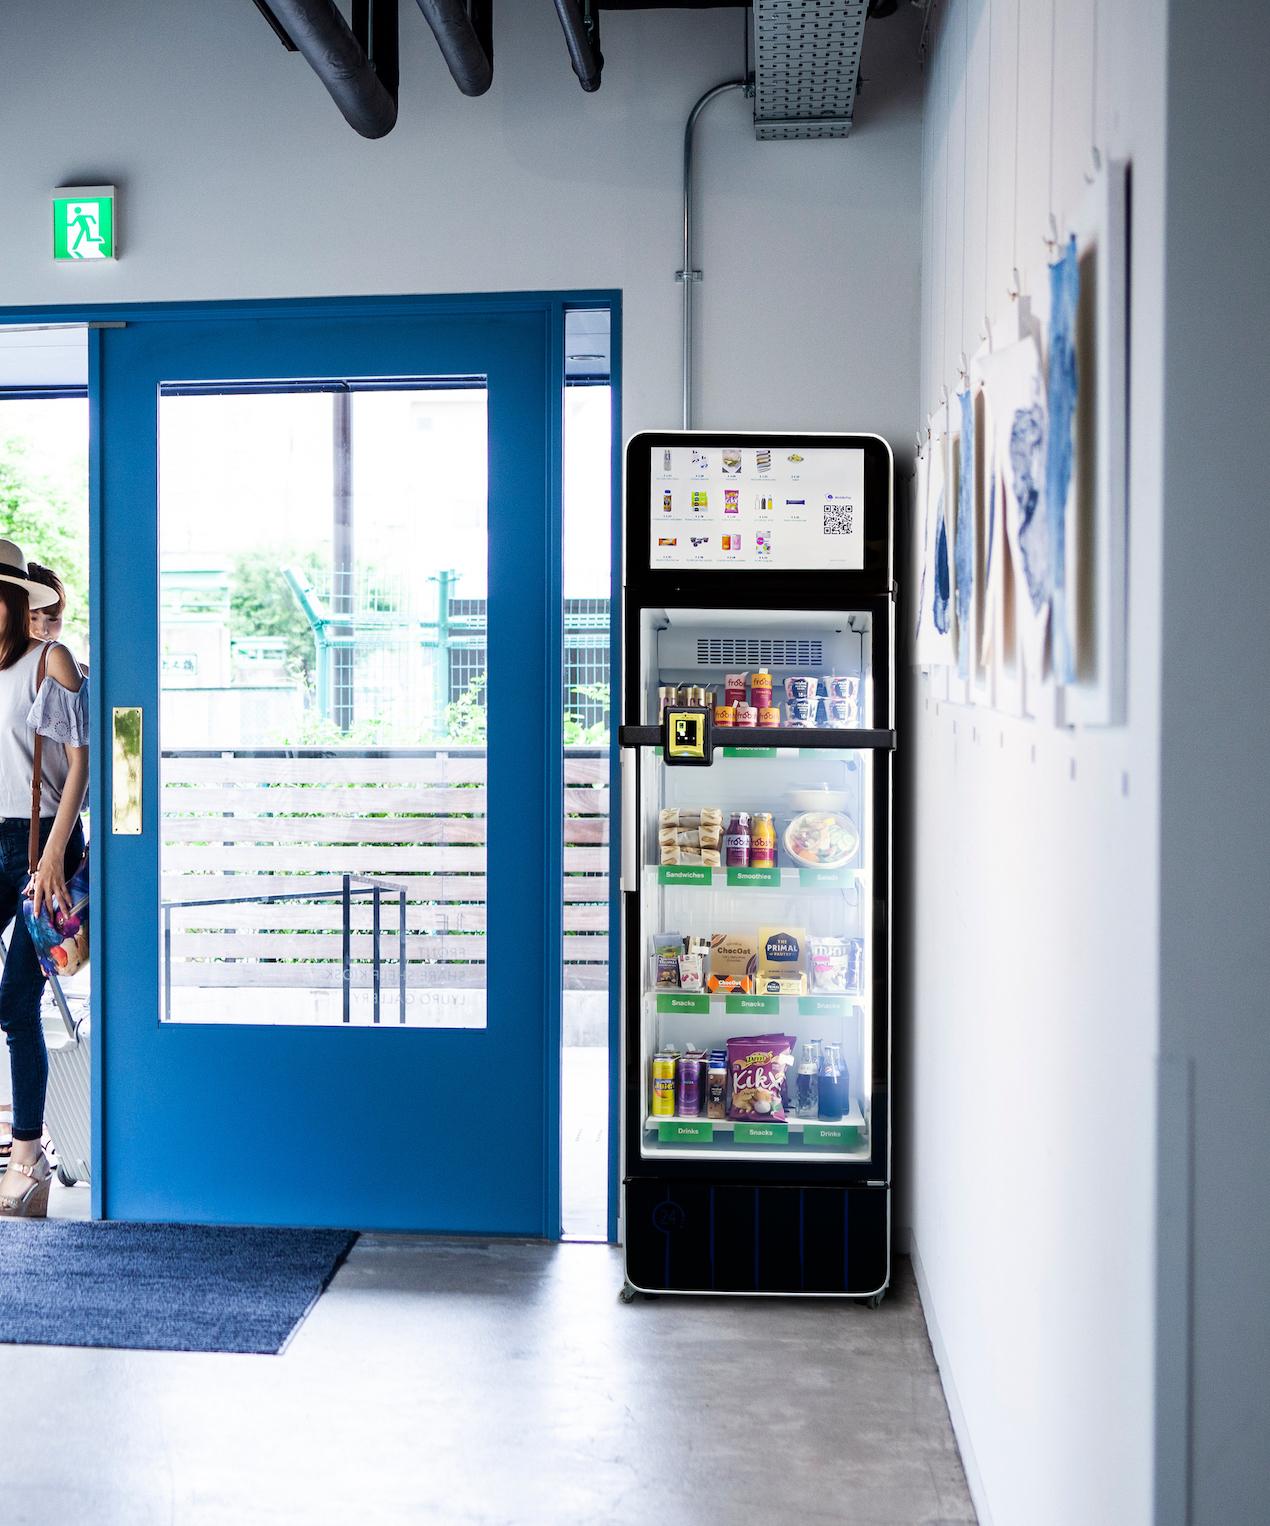 Noury Kühlschrank in einer Lobby